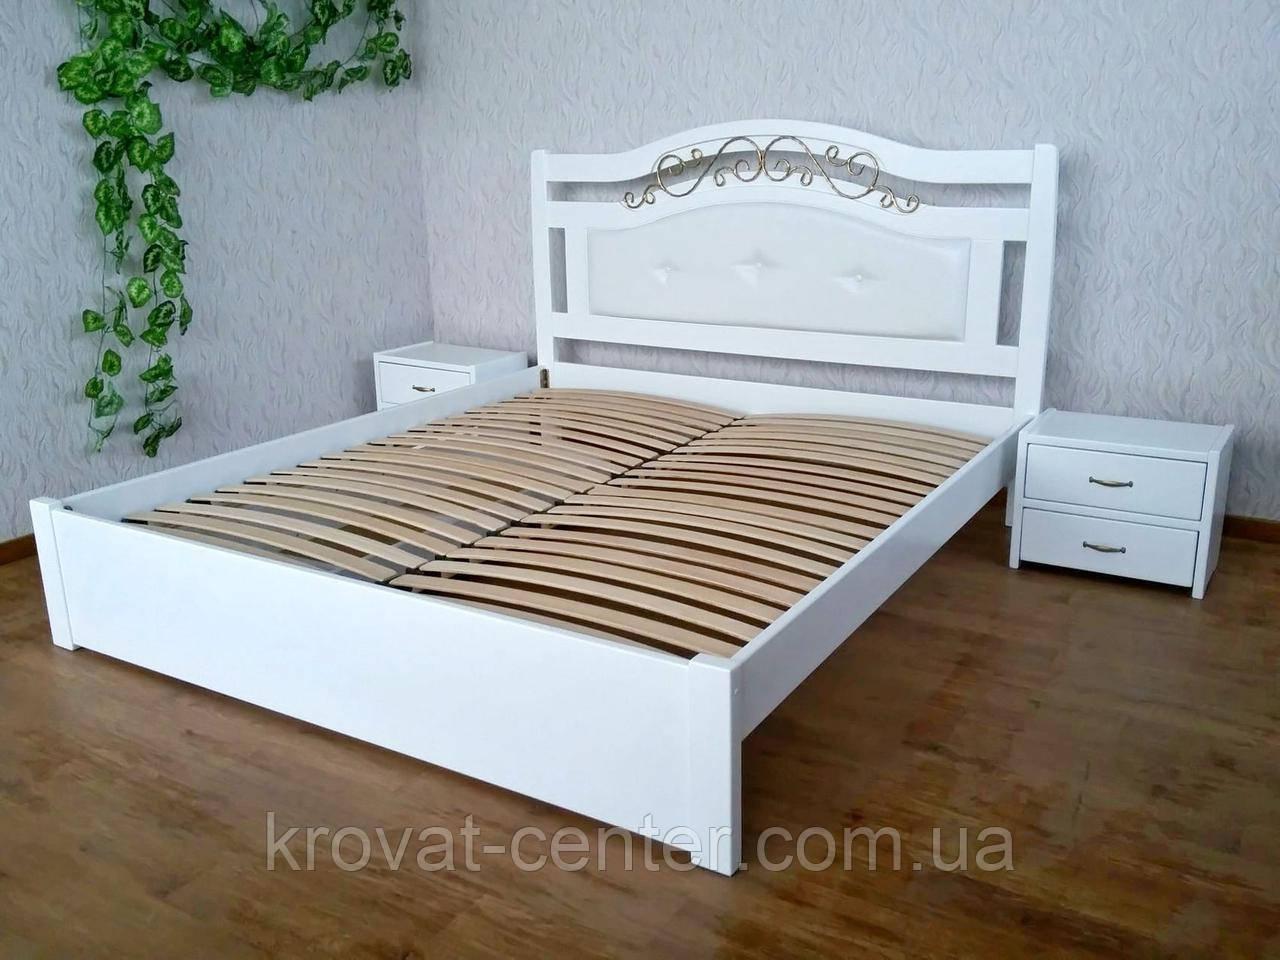 """Спальный гарнитур из натурального дерева """"Фантазия Премиум"""" (кровать с тумбочками)"""